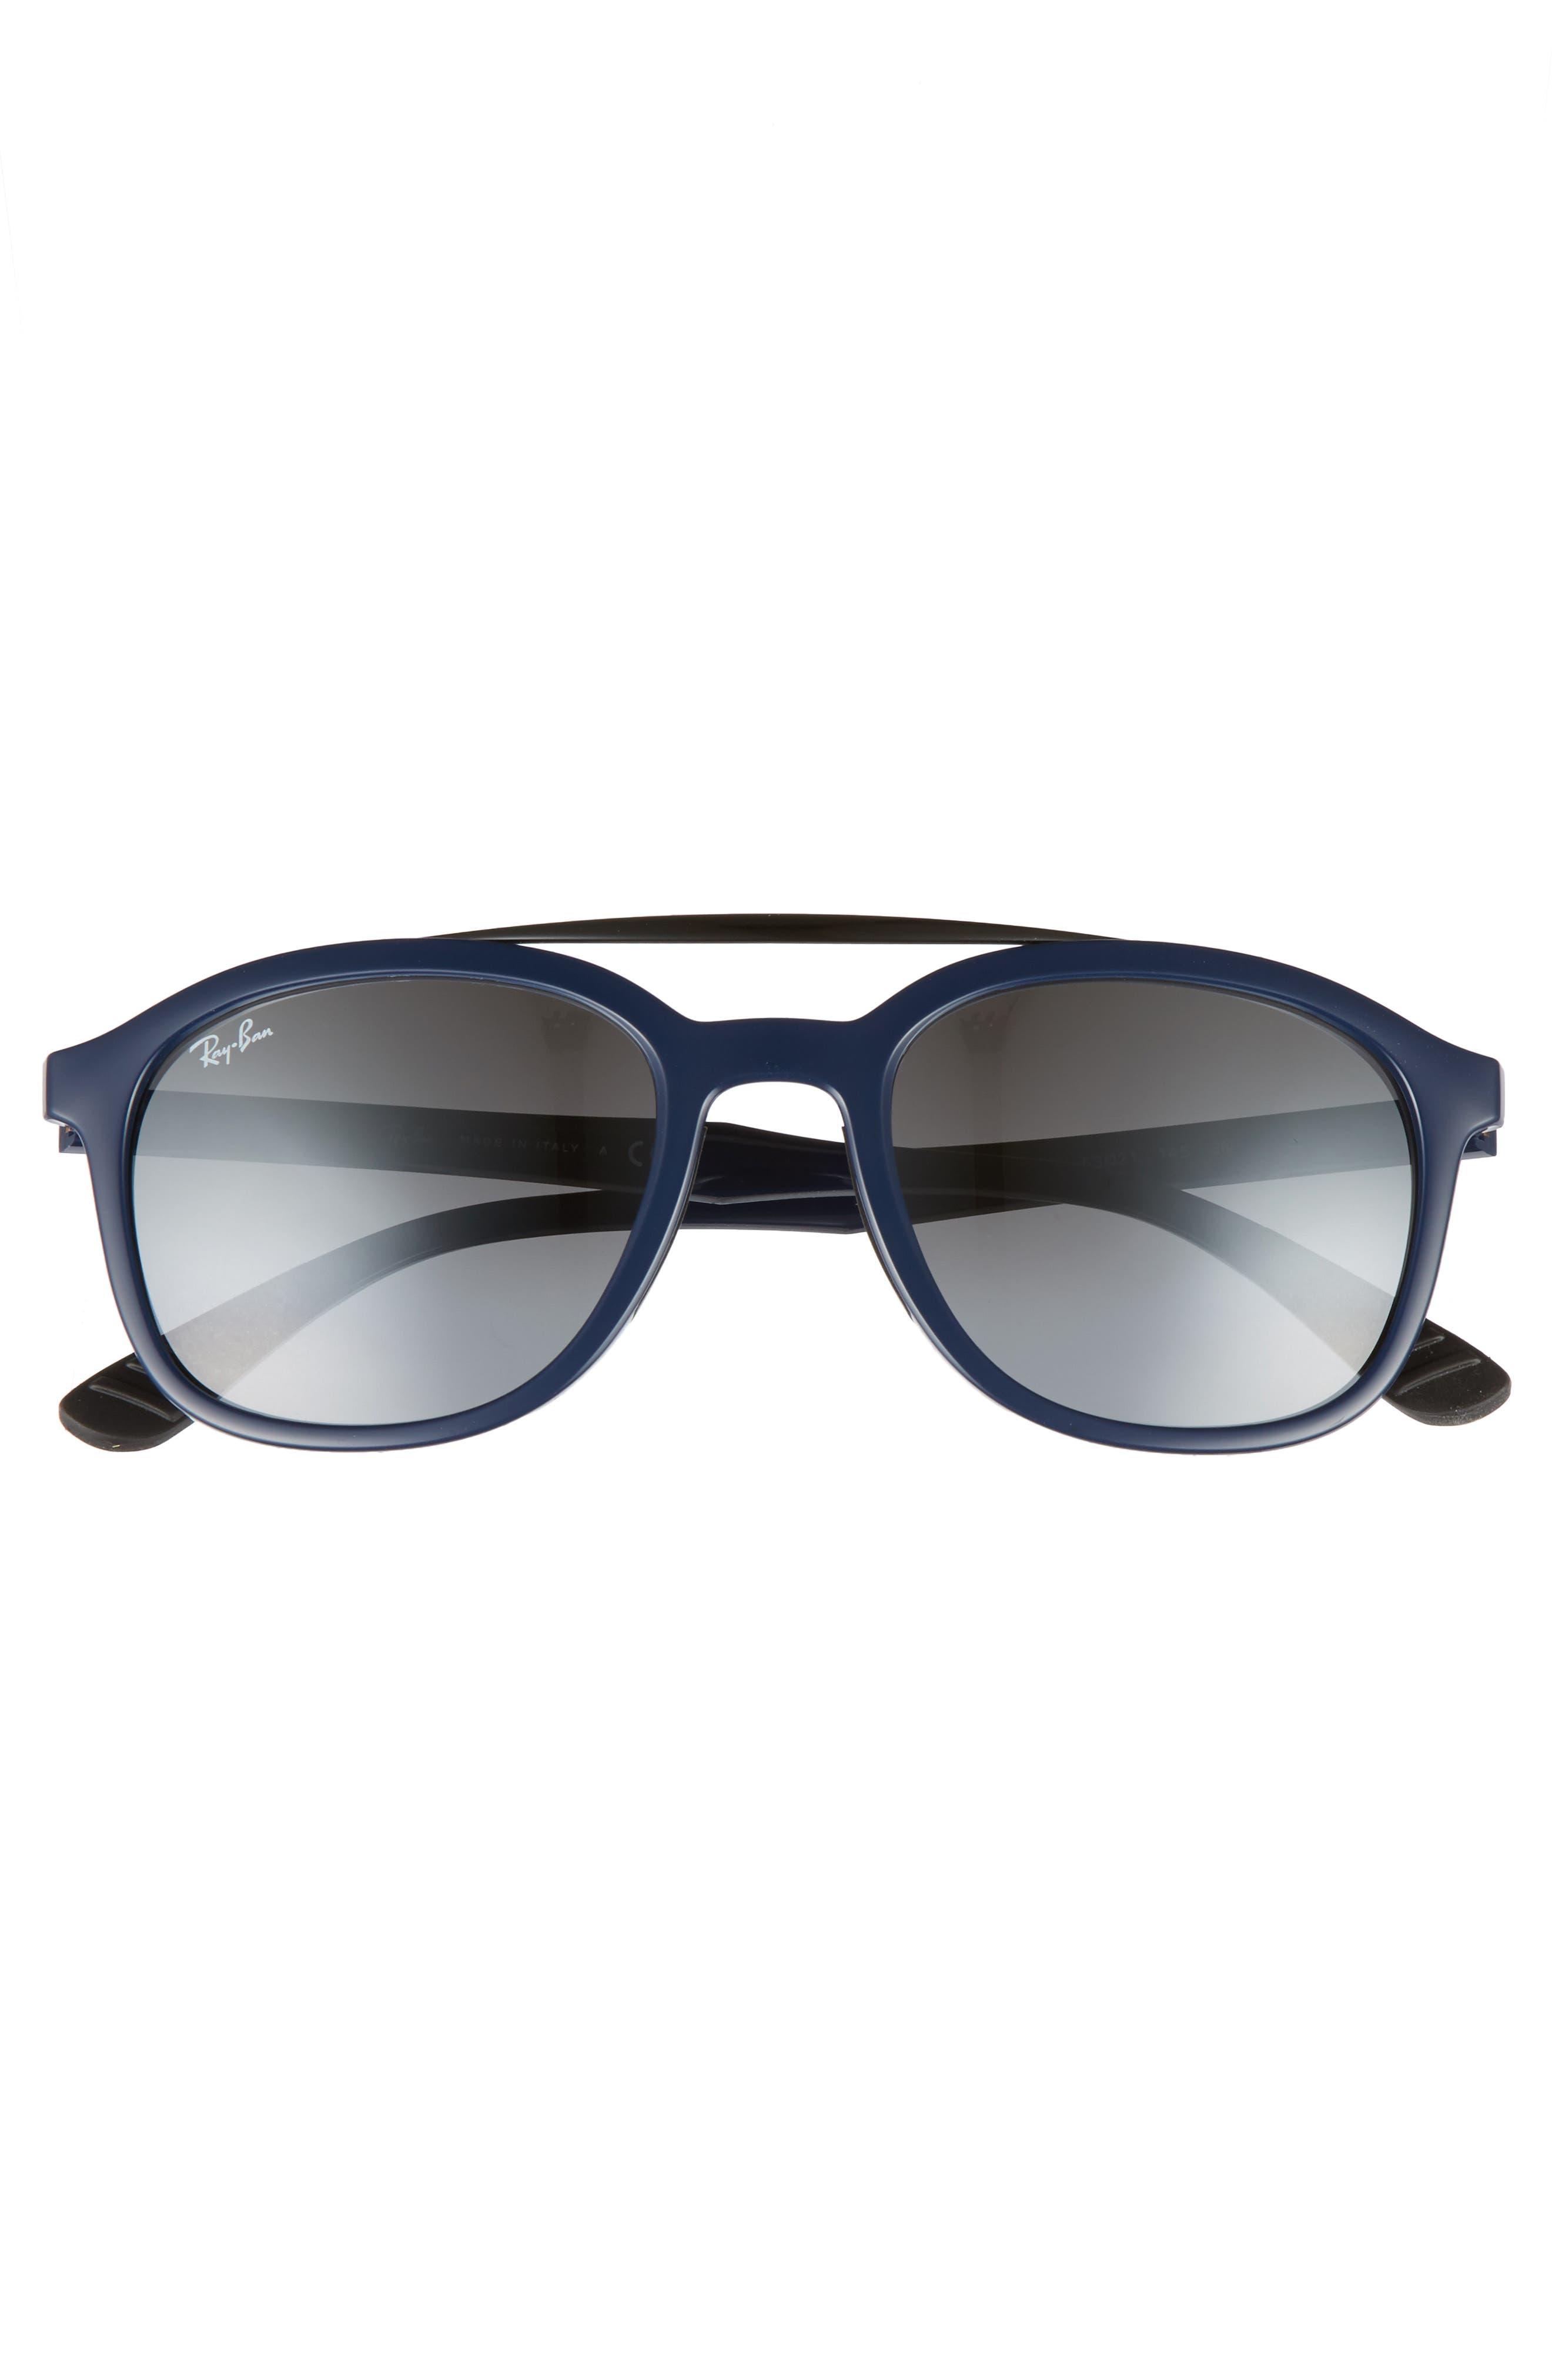 Active Lifestyle 53mm Sunglasses,                             Alternate thumbnail 2, color,                             Blue